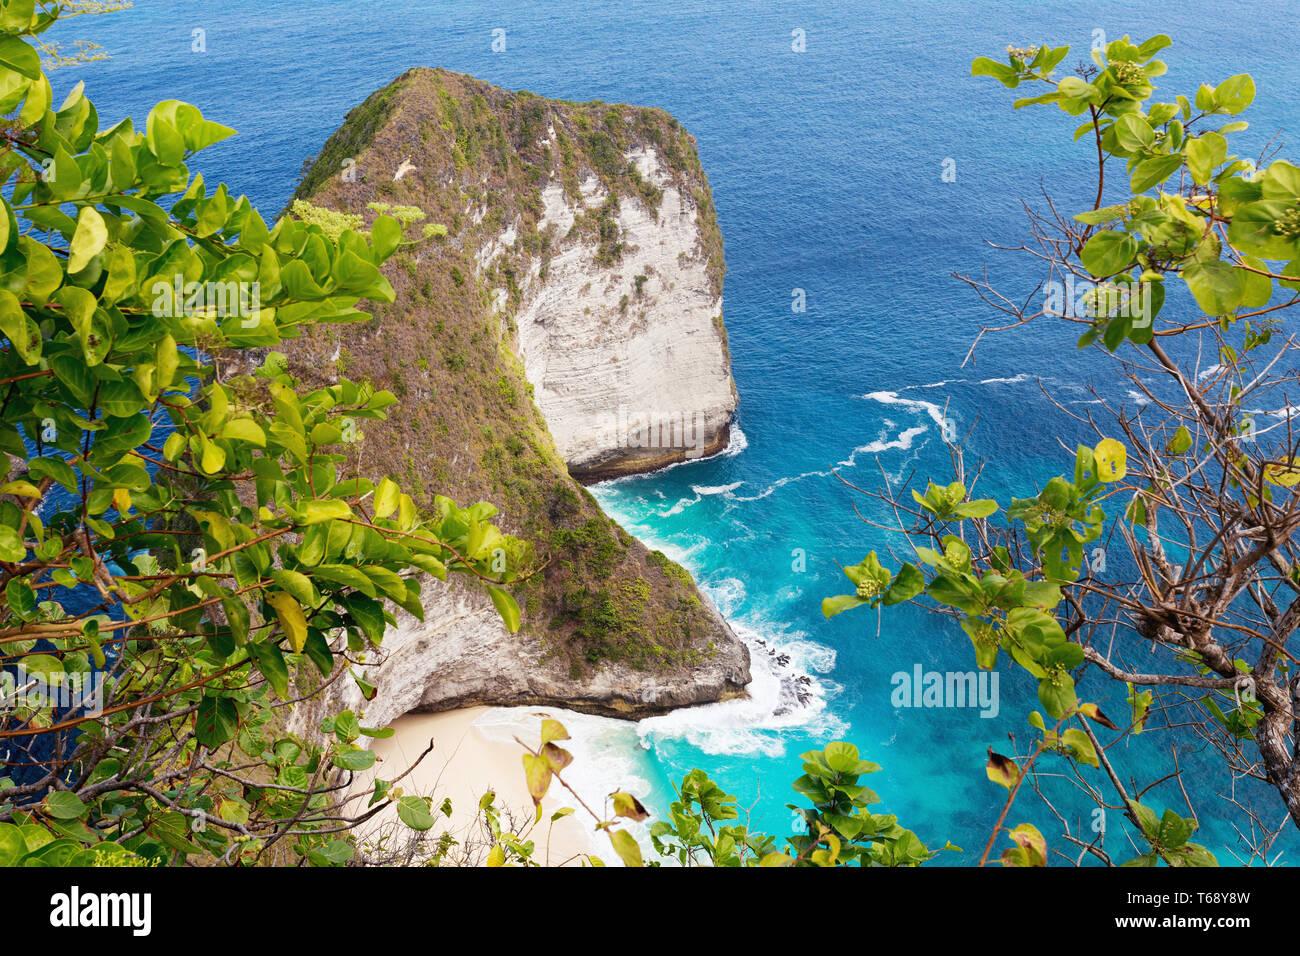 dream Bali Manta Point Diving place at Nusa Penida island Stock Photo